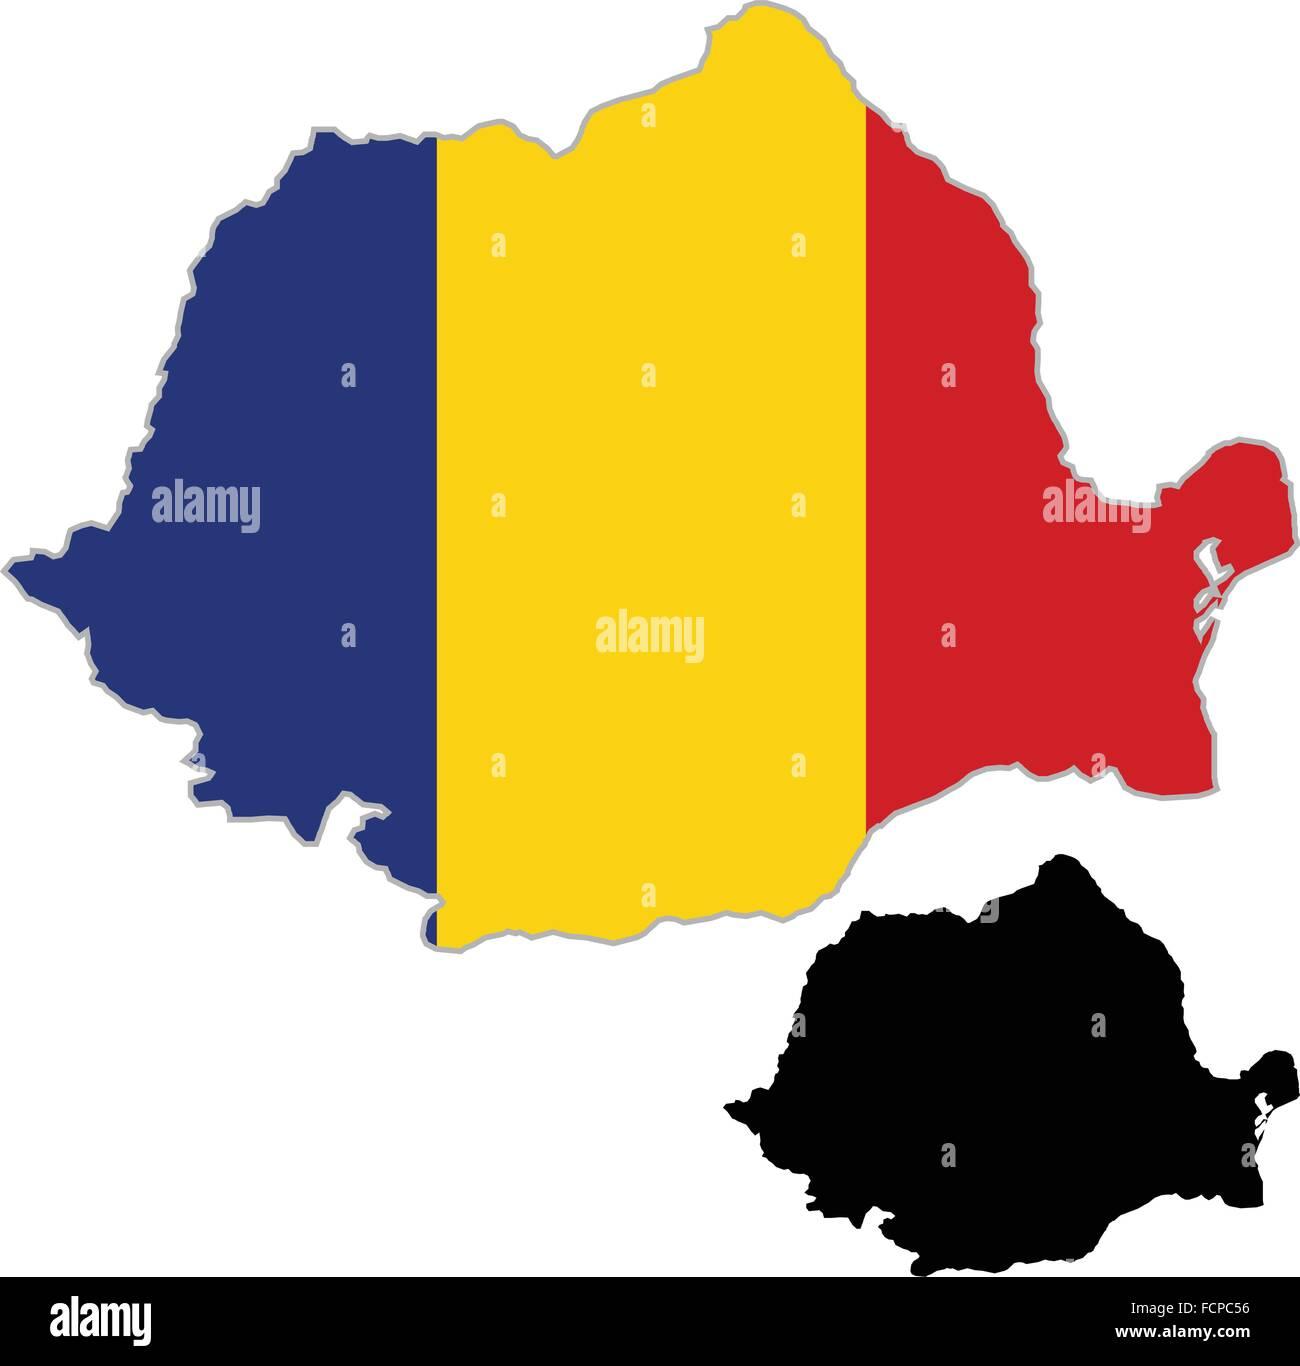 Cartina Dettagliata Romania.Mappa Romania Bandiera Su Uno Sfondo Bianco Vector Illustrator Immagine E Vettoriale Alamy